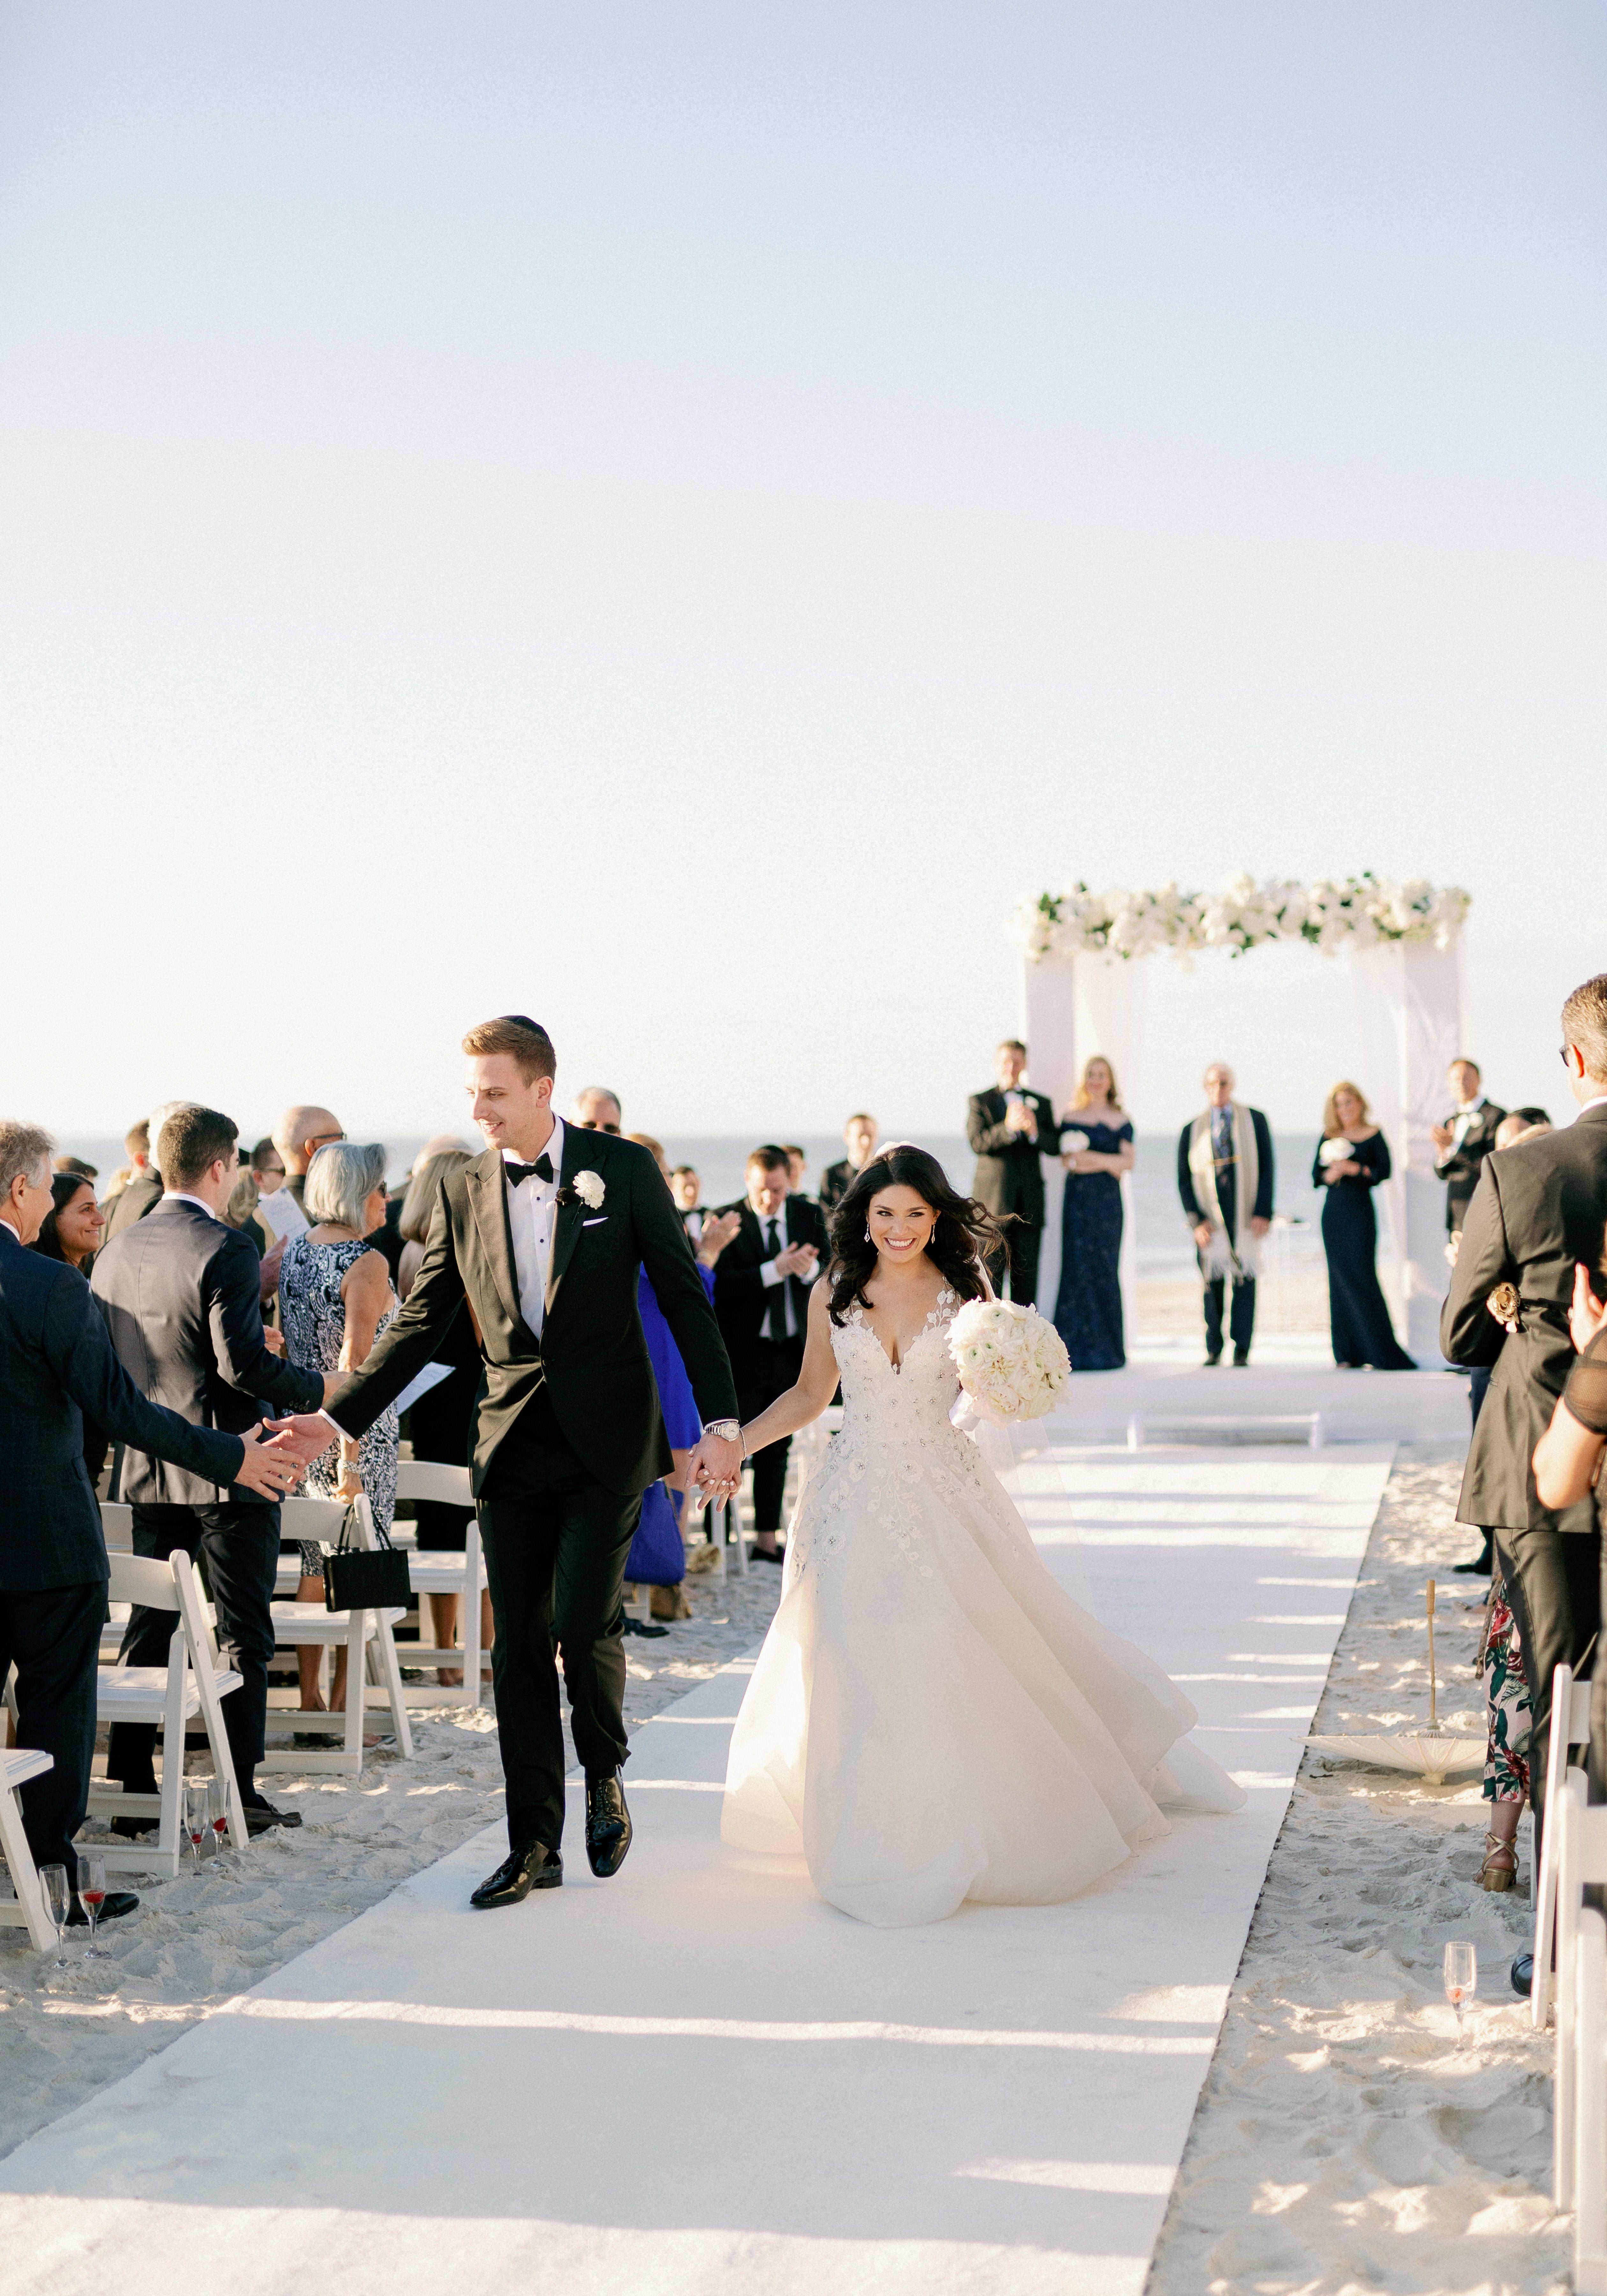 Wedding Ceremony In 2020 Destination Wedding Wedding Destination Wedding Planner